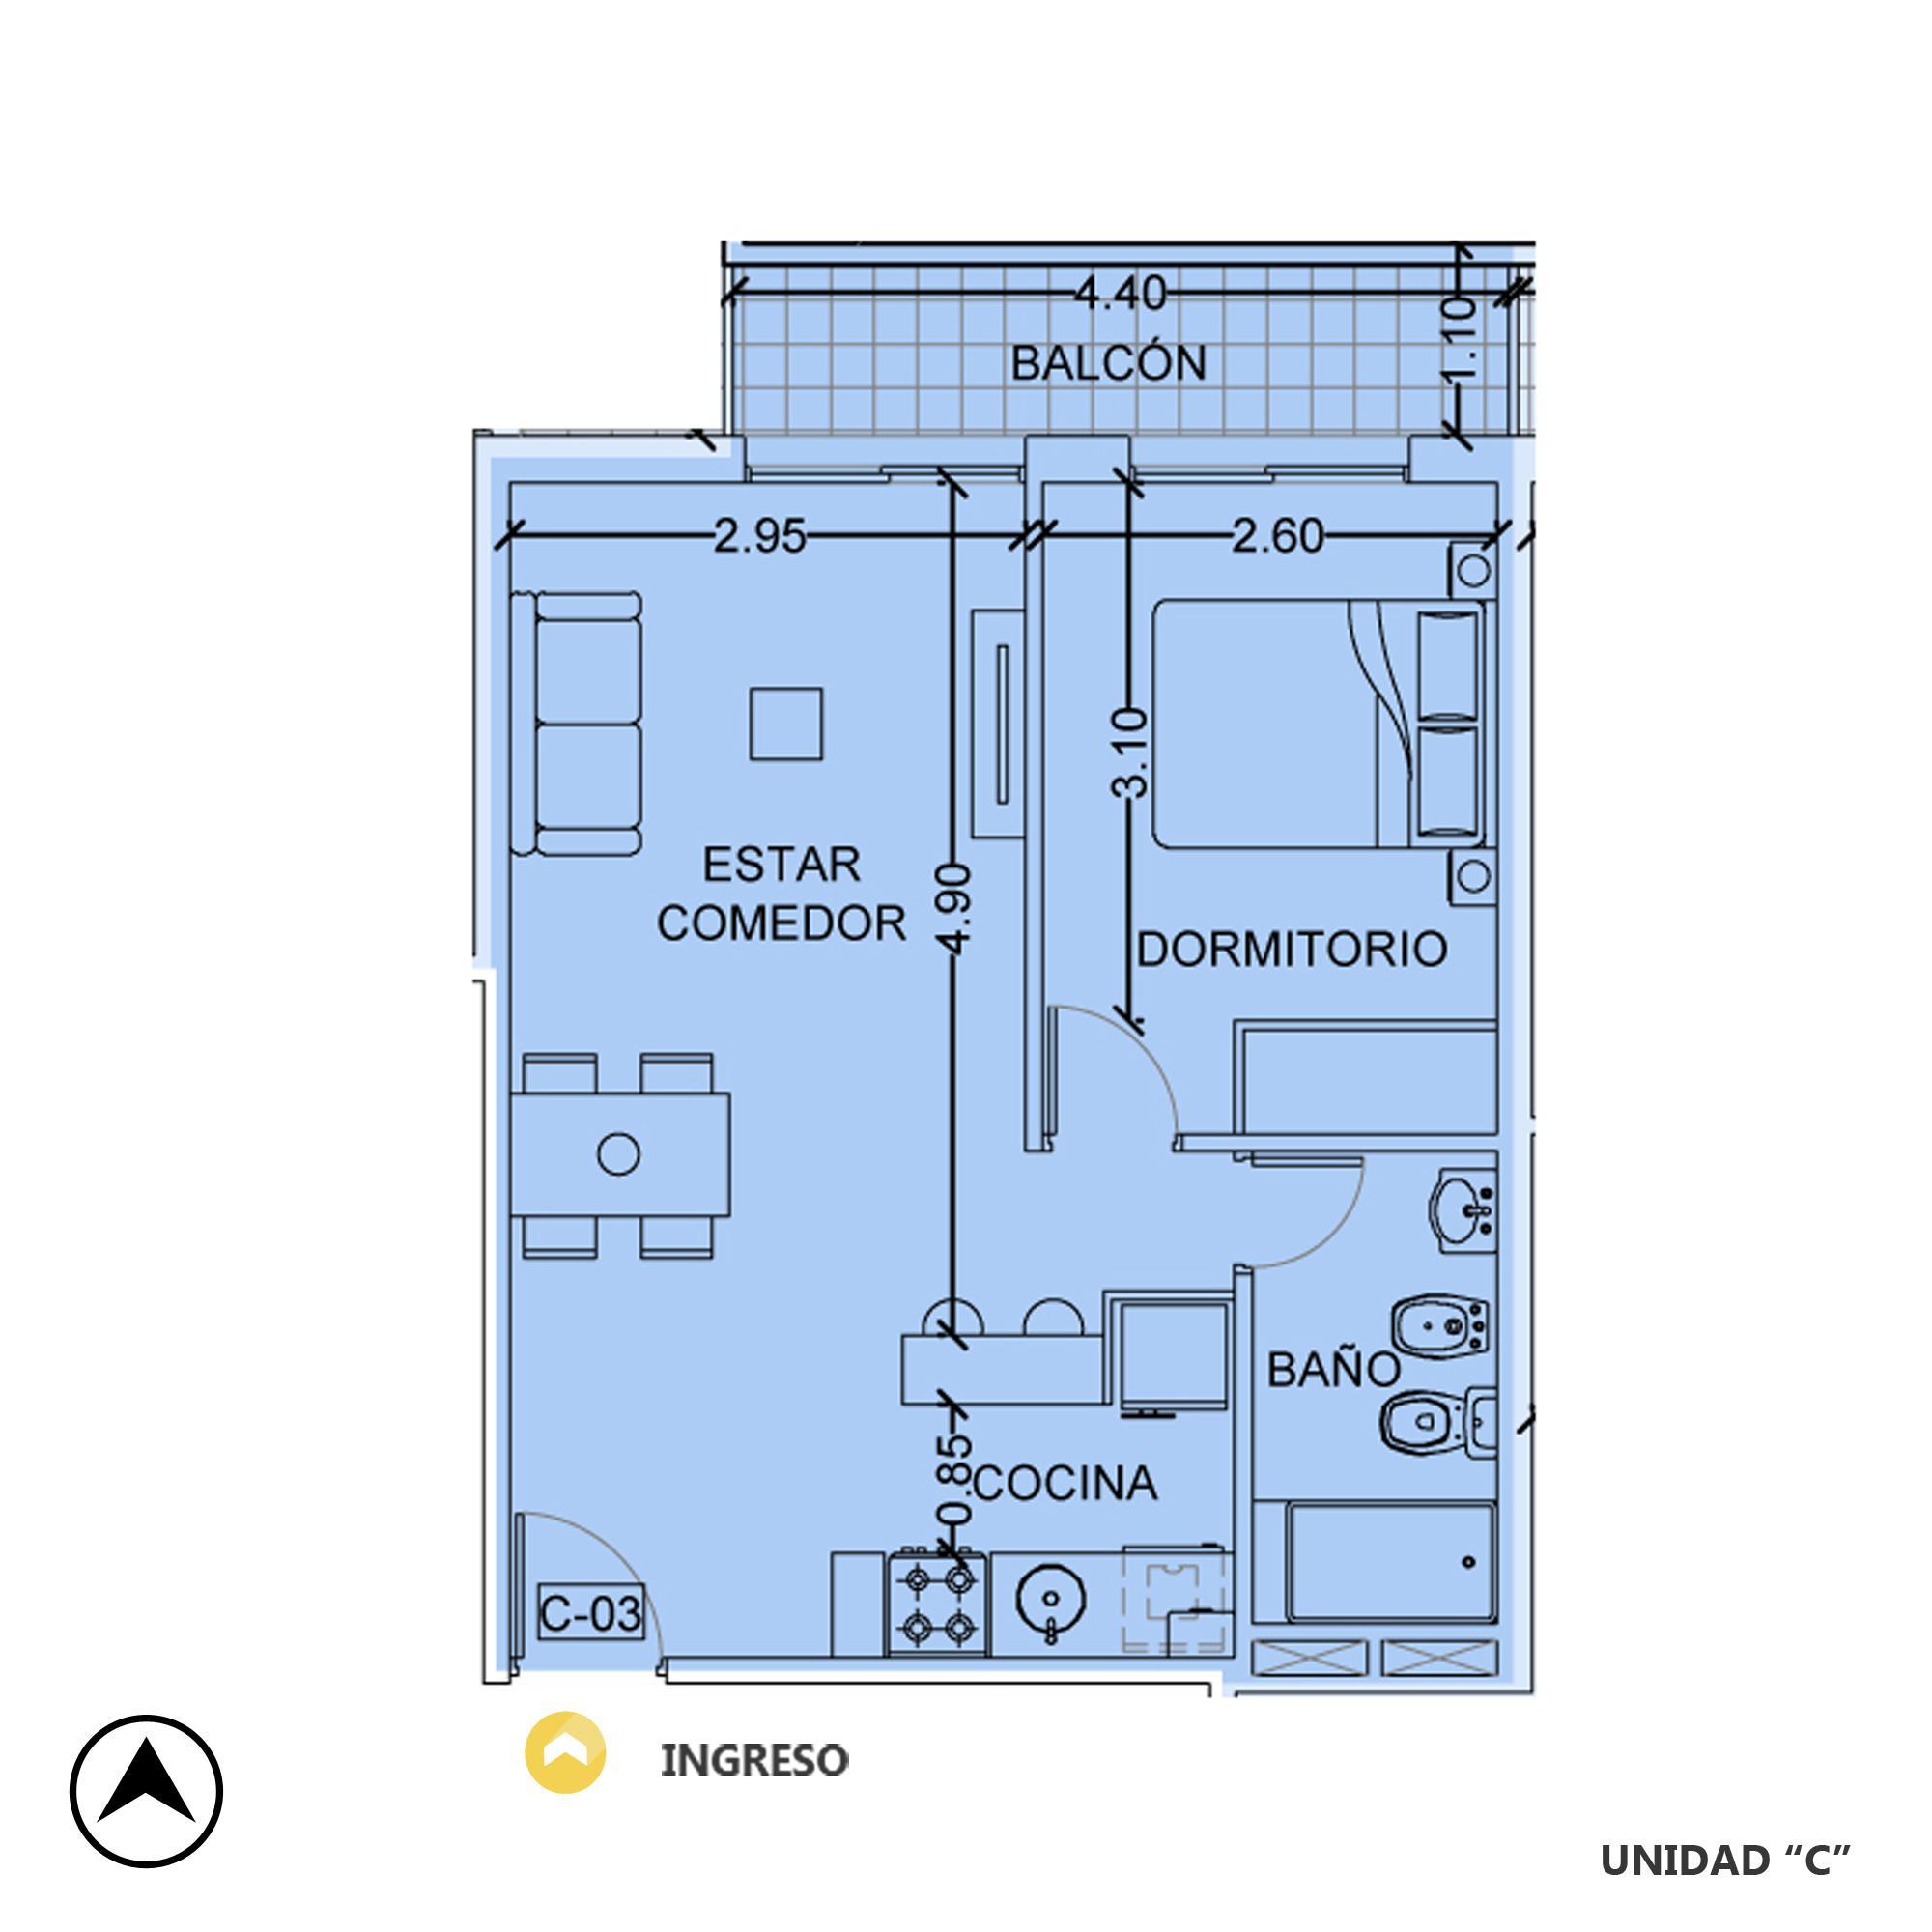 Venta departamento 1 dormitorio Rosario, Centro. Cod CBU20383 AP2004668. Crestale Propiedades